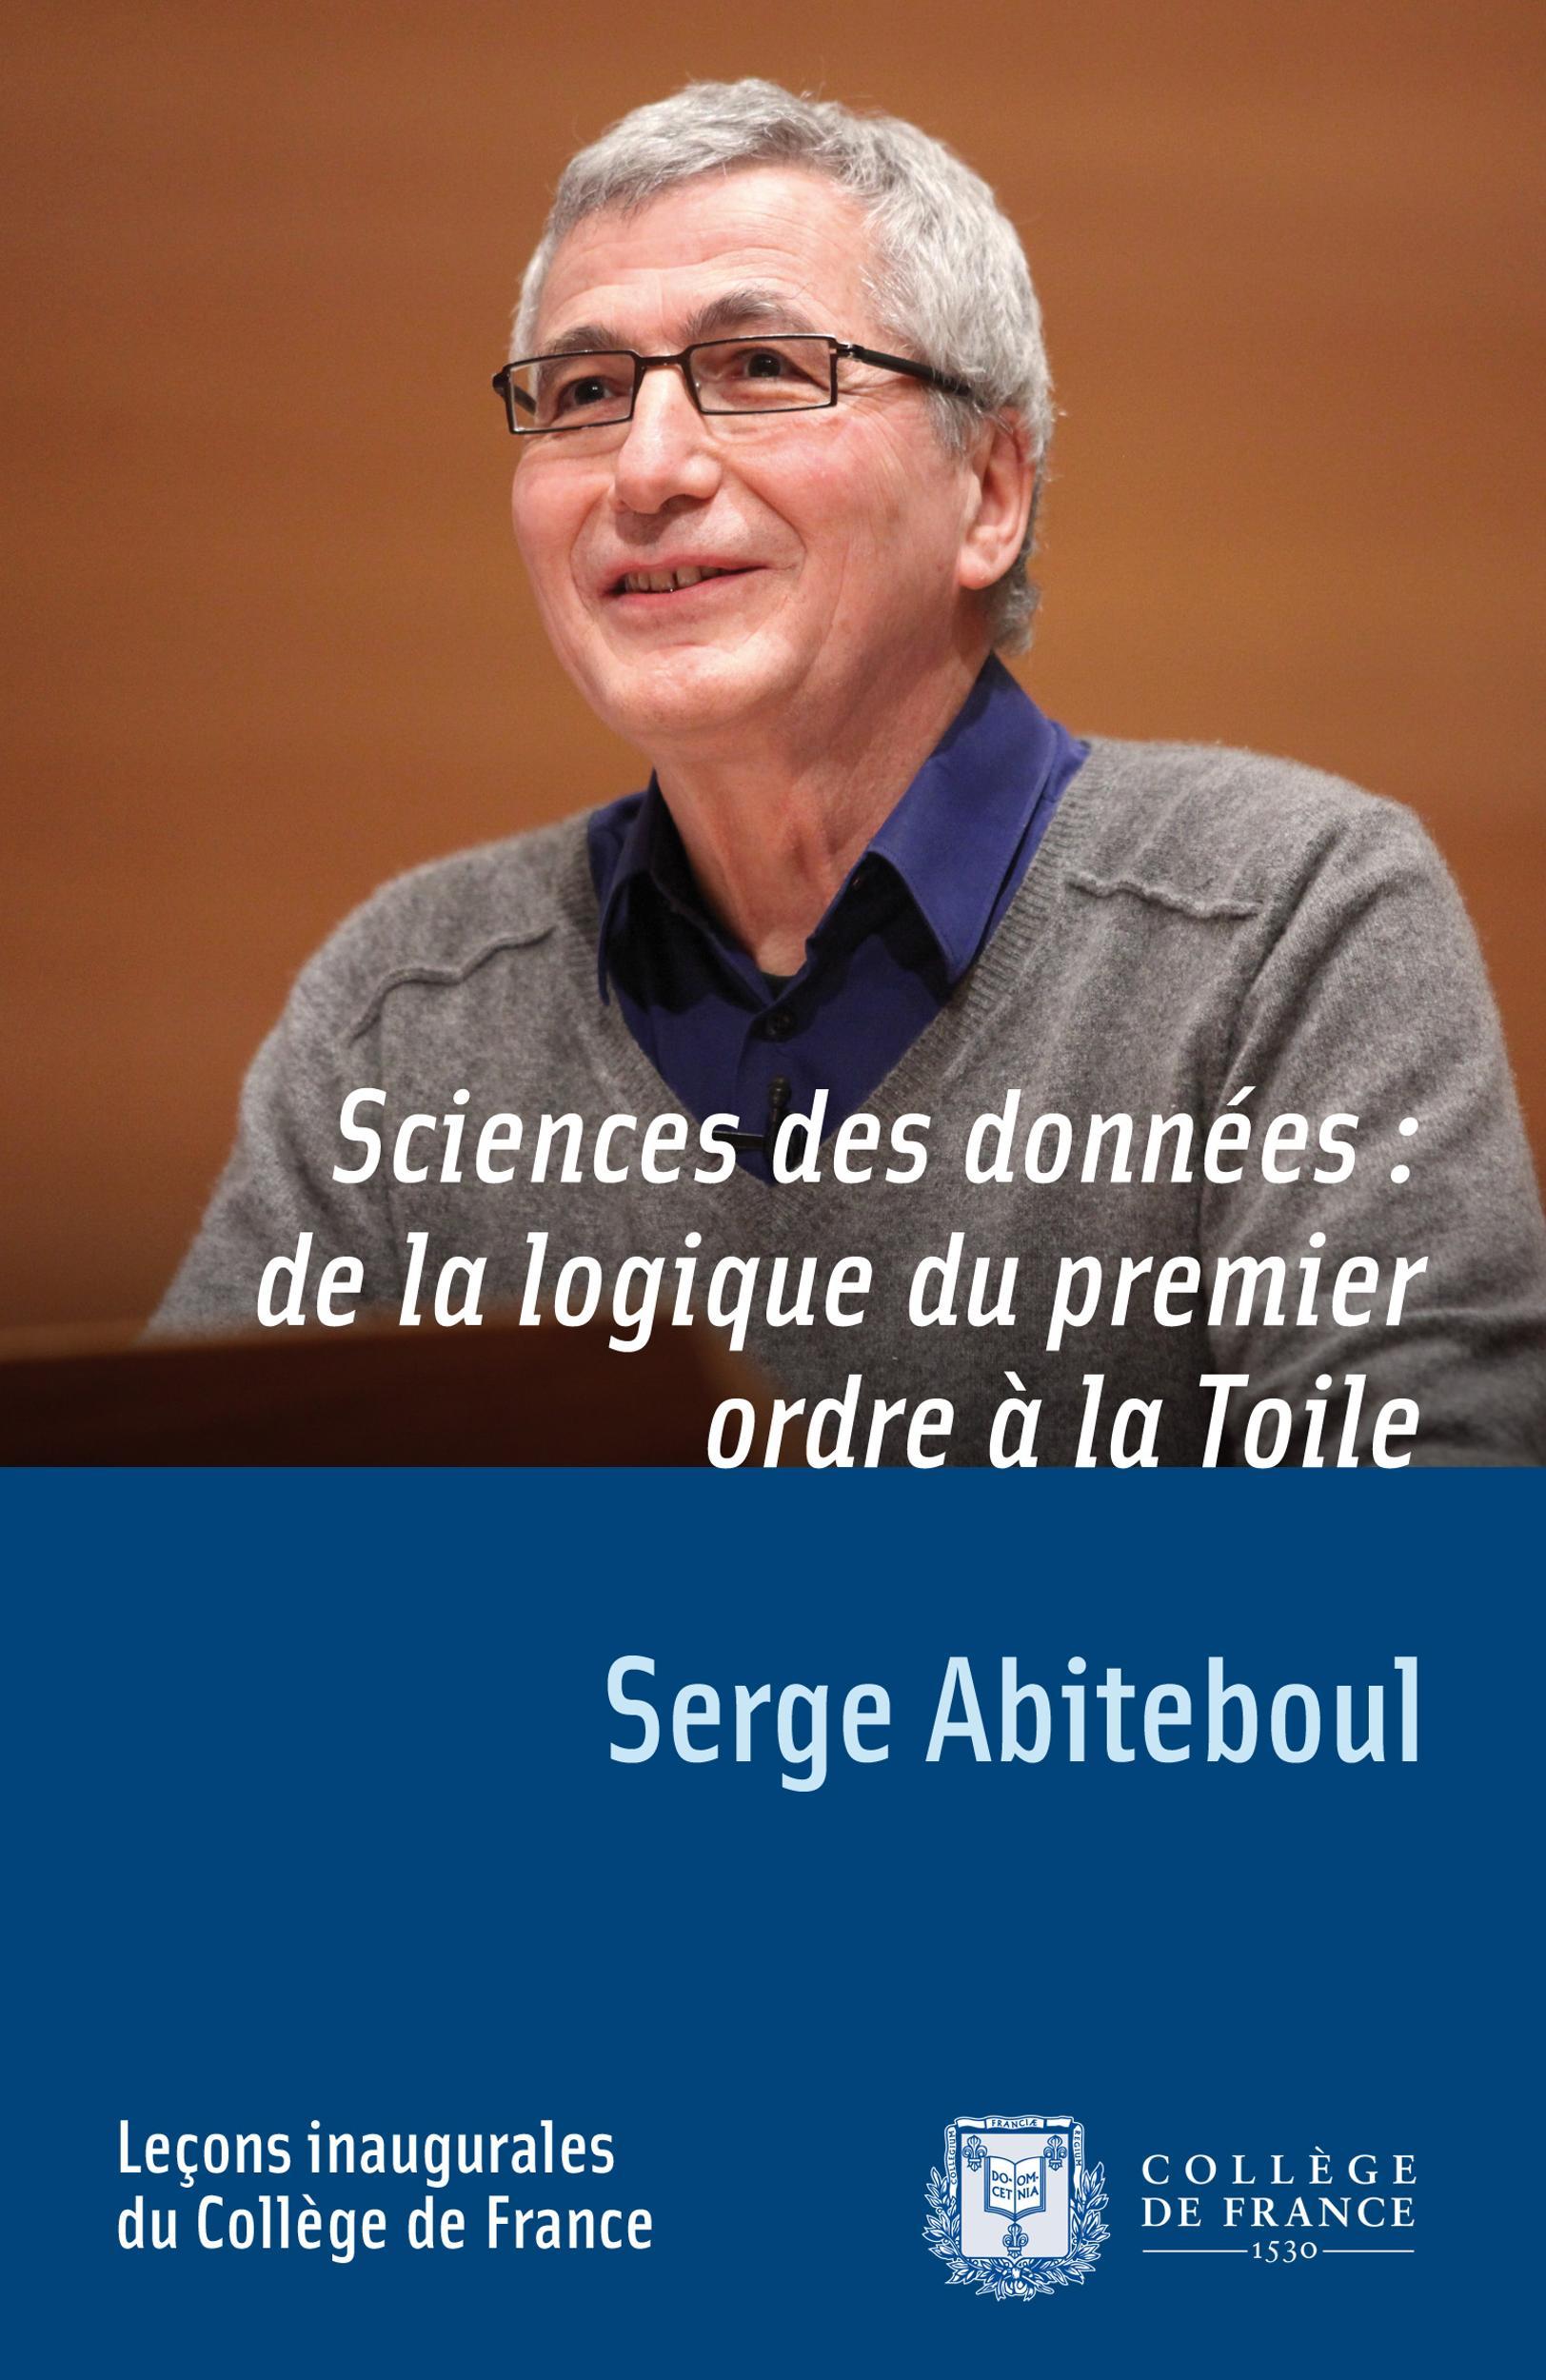 Sciences des données: de la logique du premier ordre à la Toile, LEÇON INAUGURALE PRONONCÉE LE JEUDI 8MARS2012